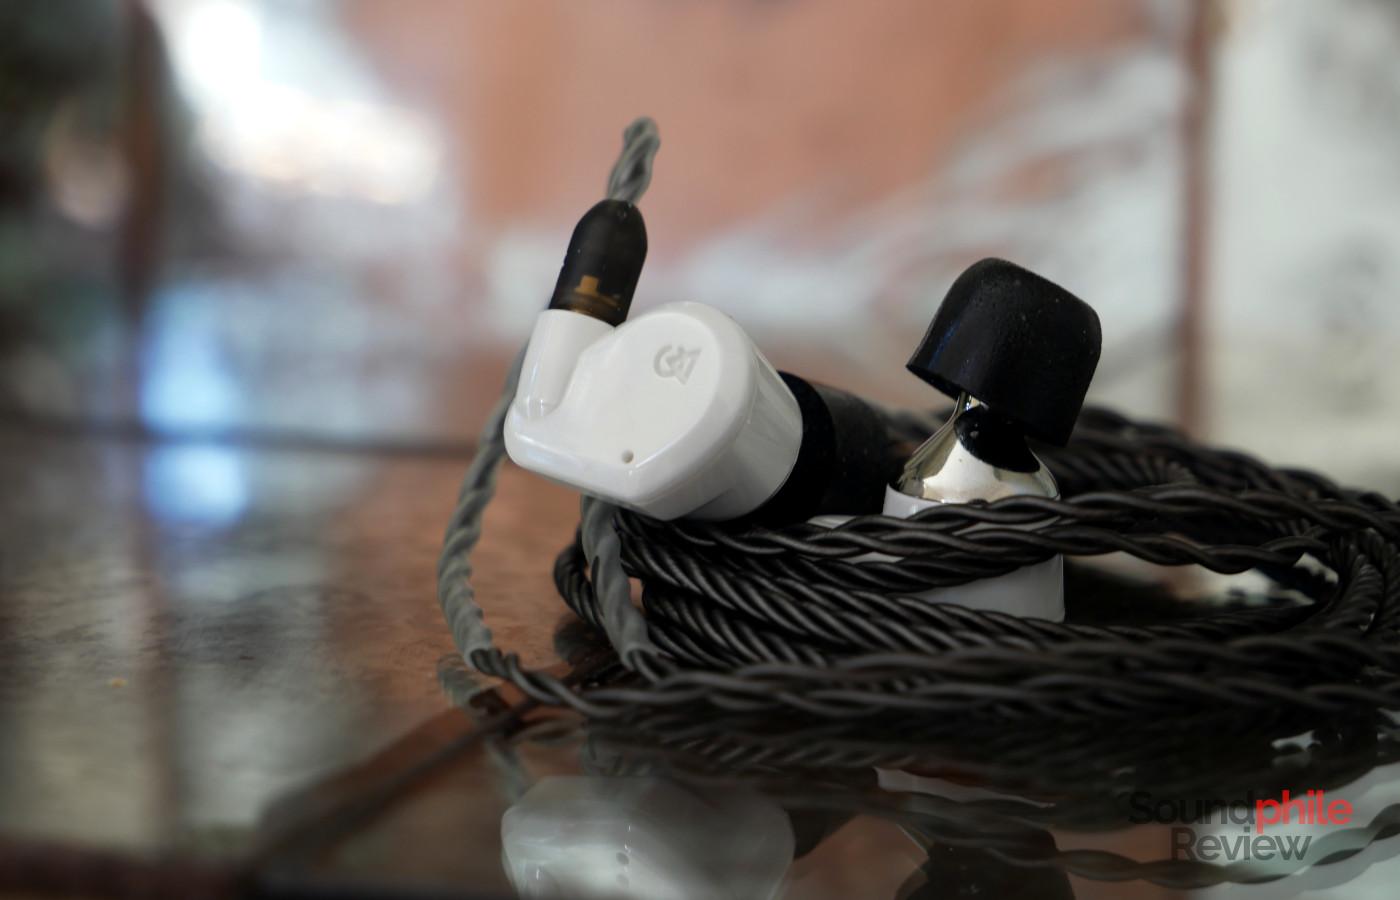 Campfire Audio Vega 2020 review